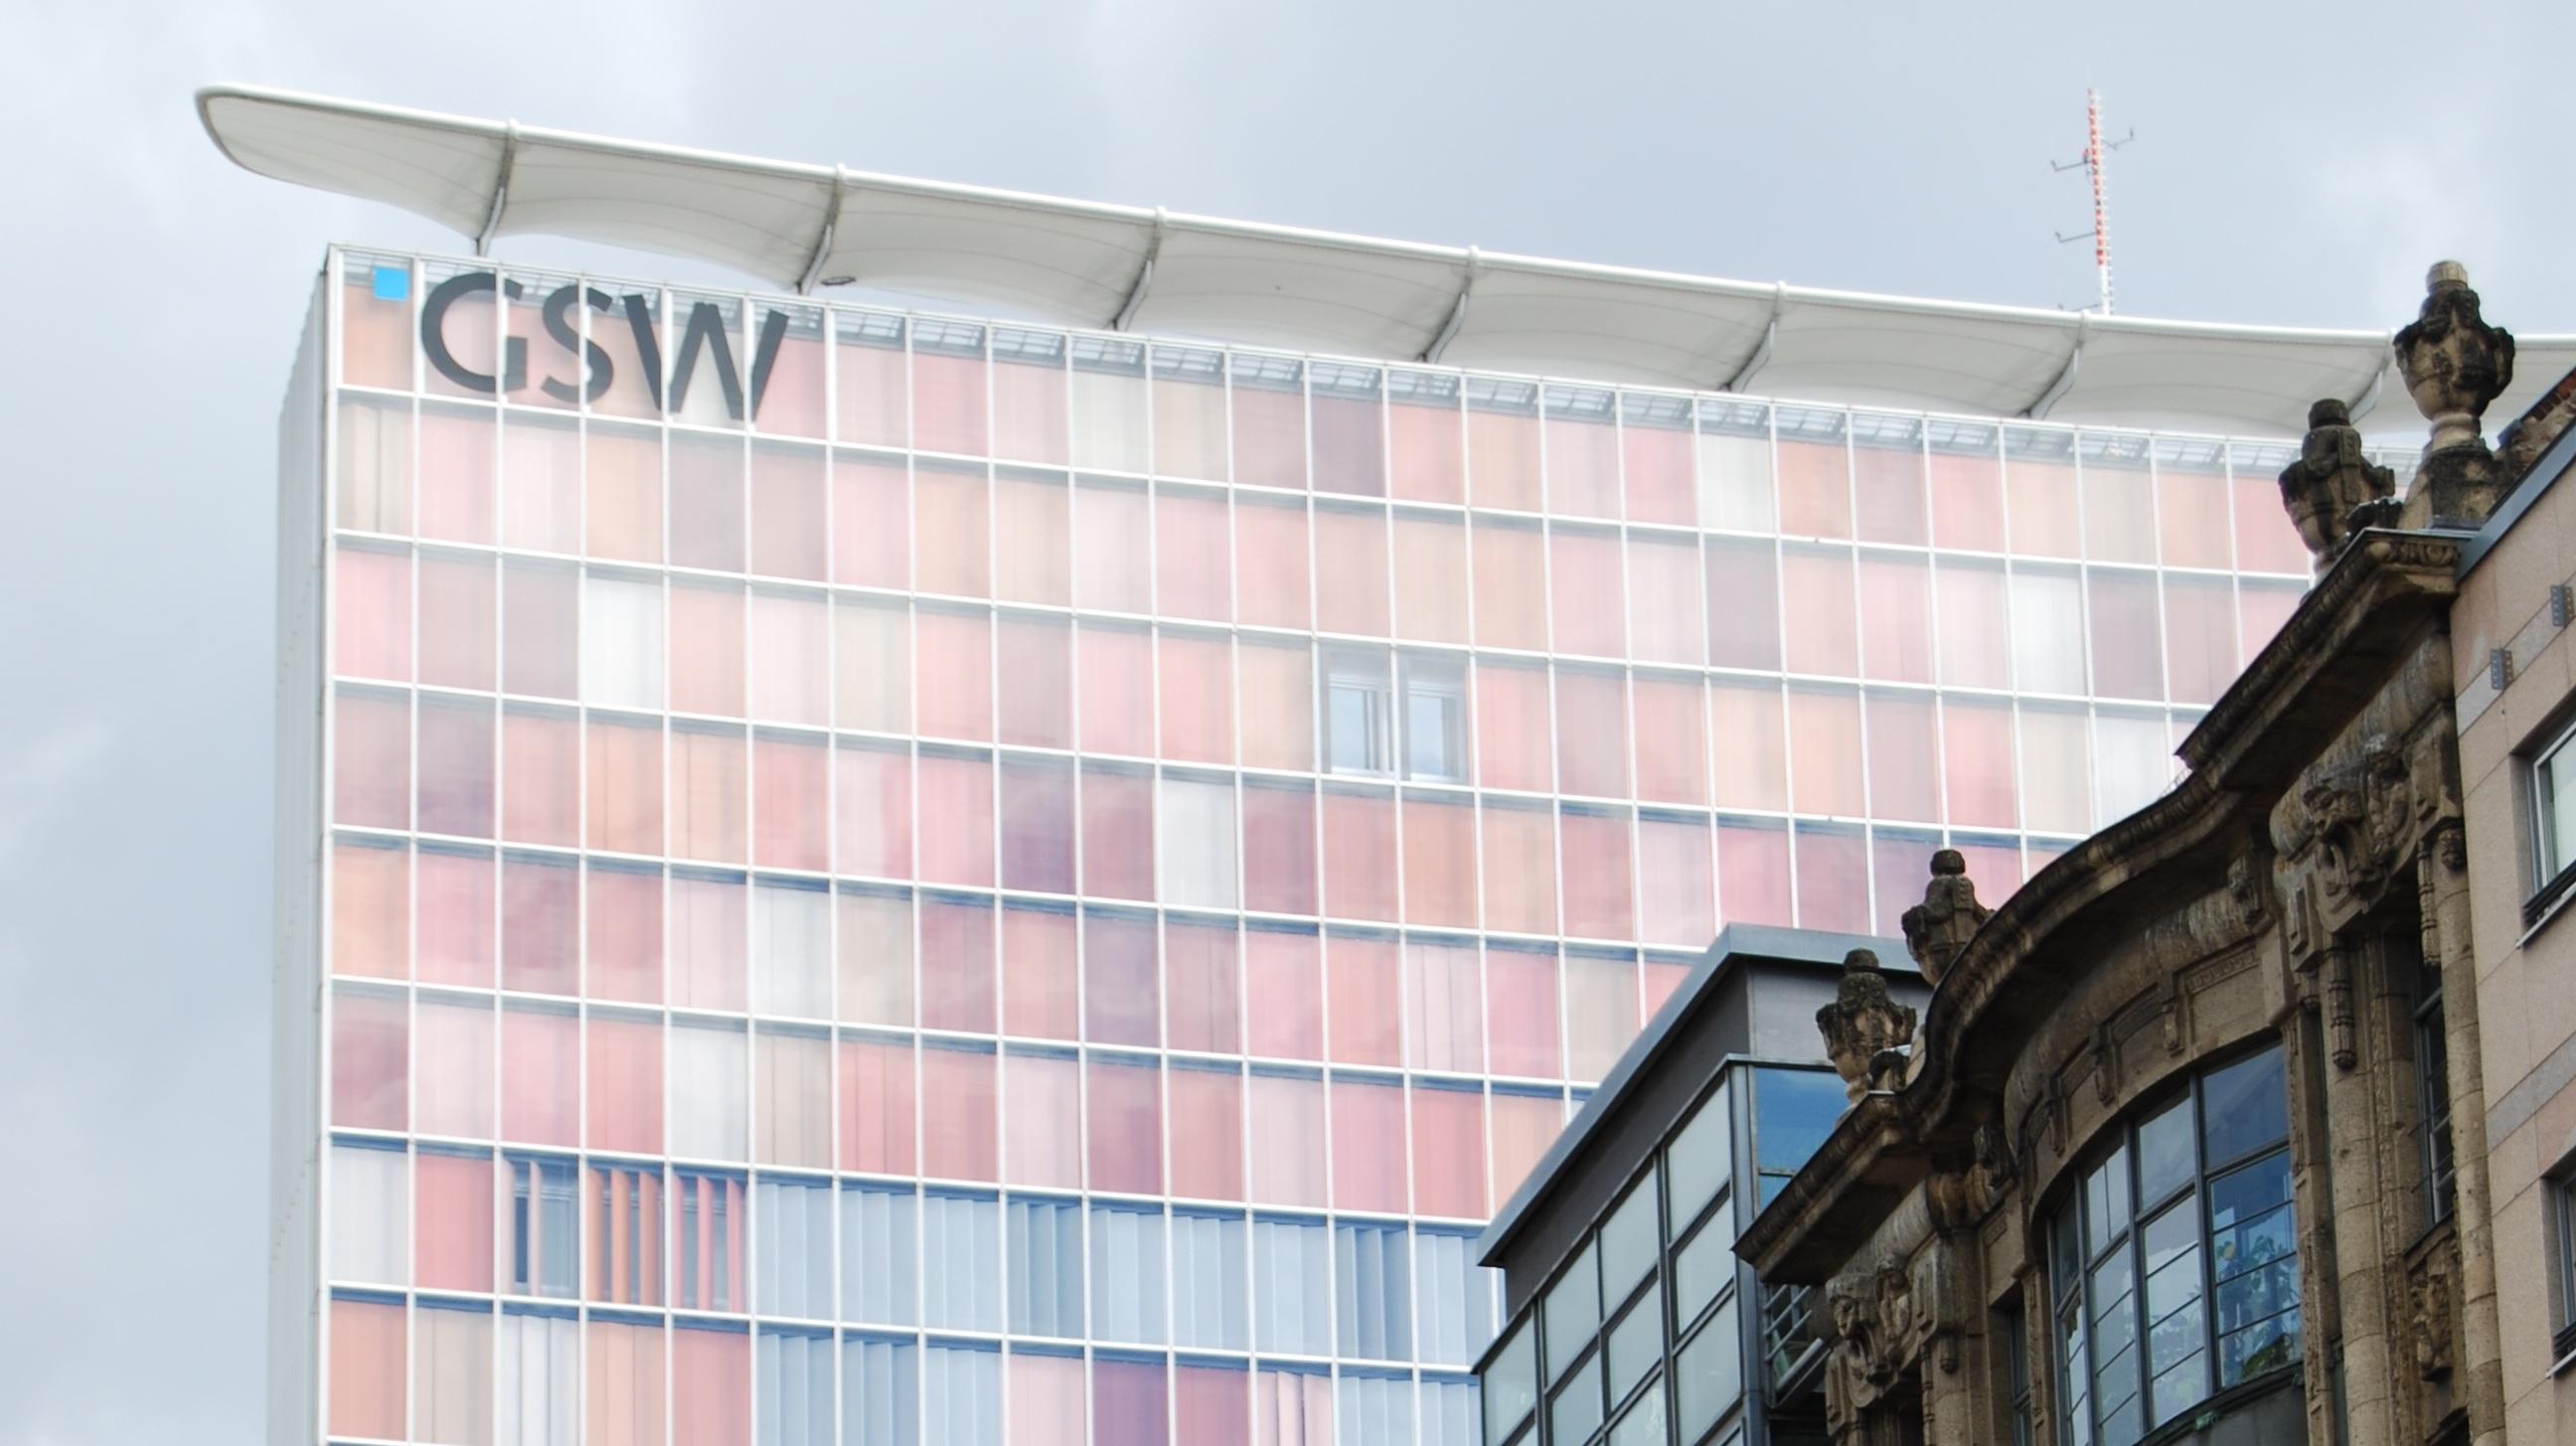 Kostenlose Foto Die Architektur Fenster Werbung Buro Fassade